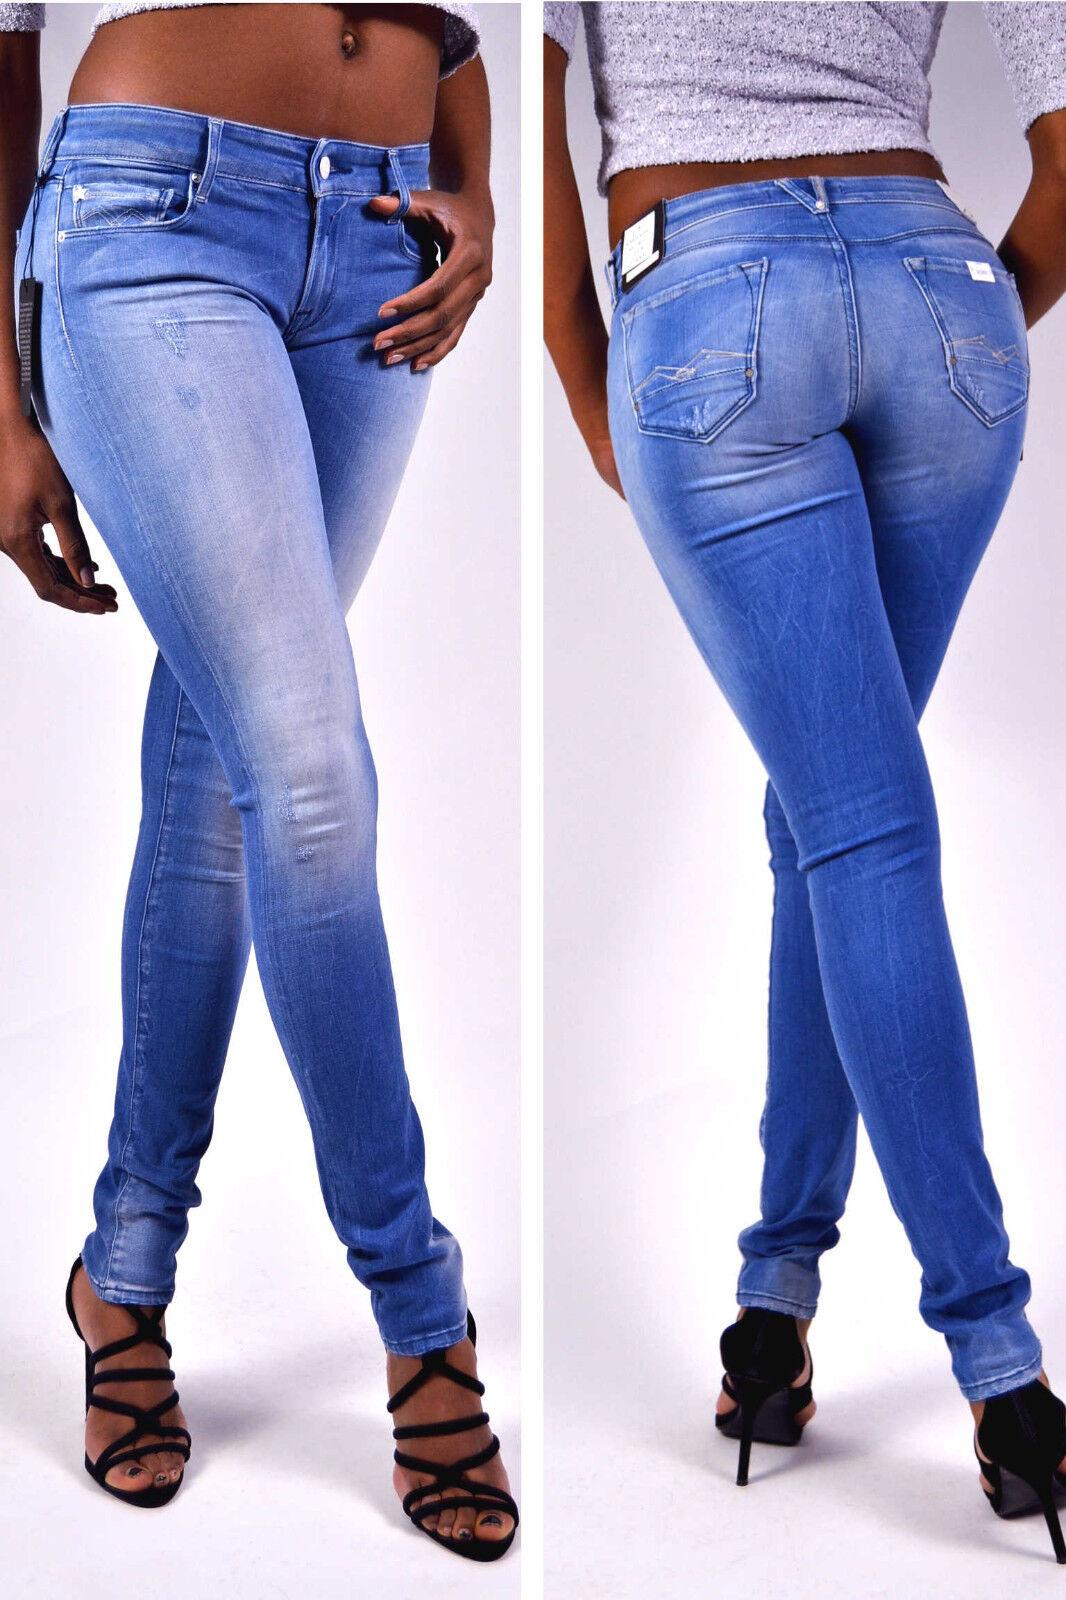 REPLAY Jeans Rosa WX613 95A Slim Fit Jeans Hellblau Knack Po Gr. W25 W32 W33